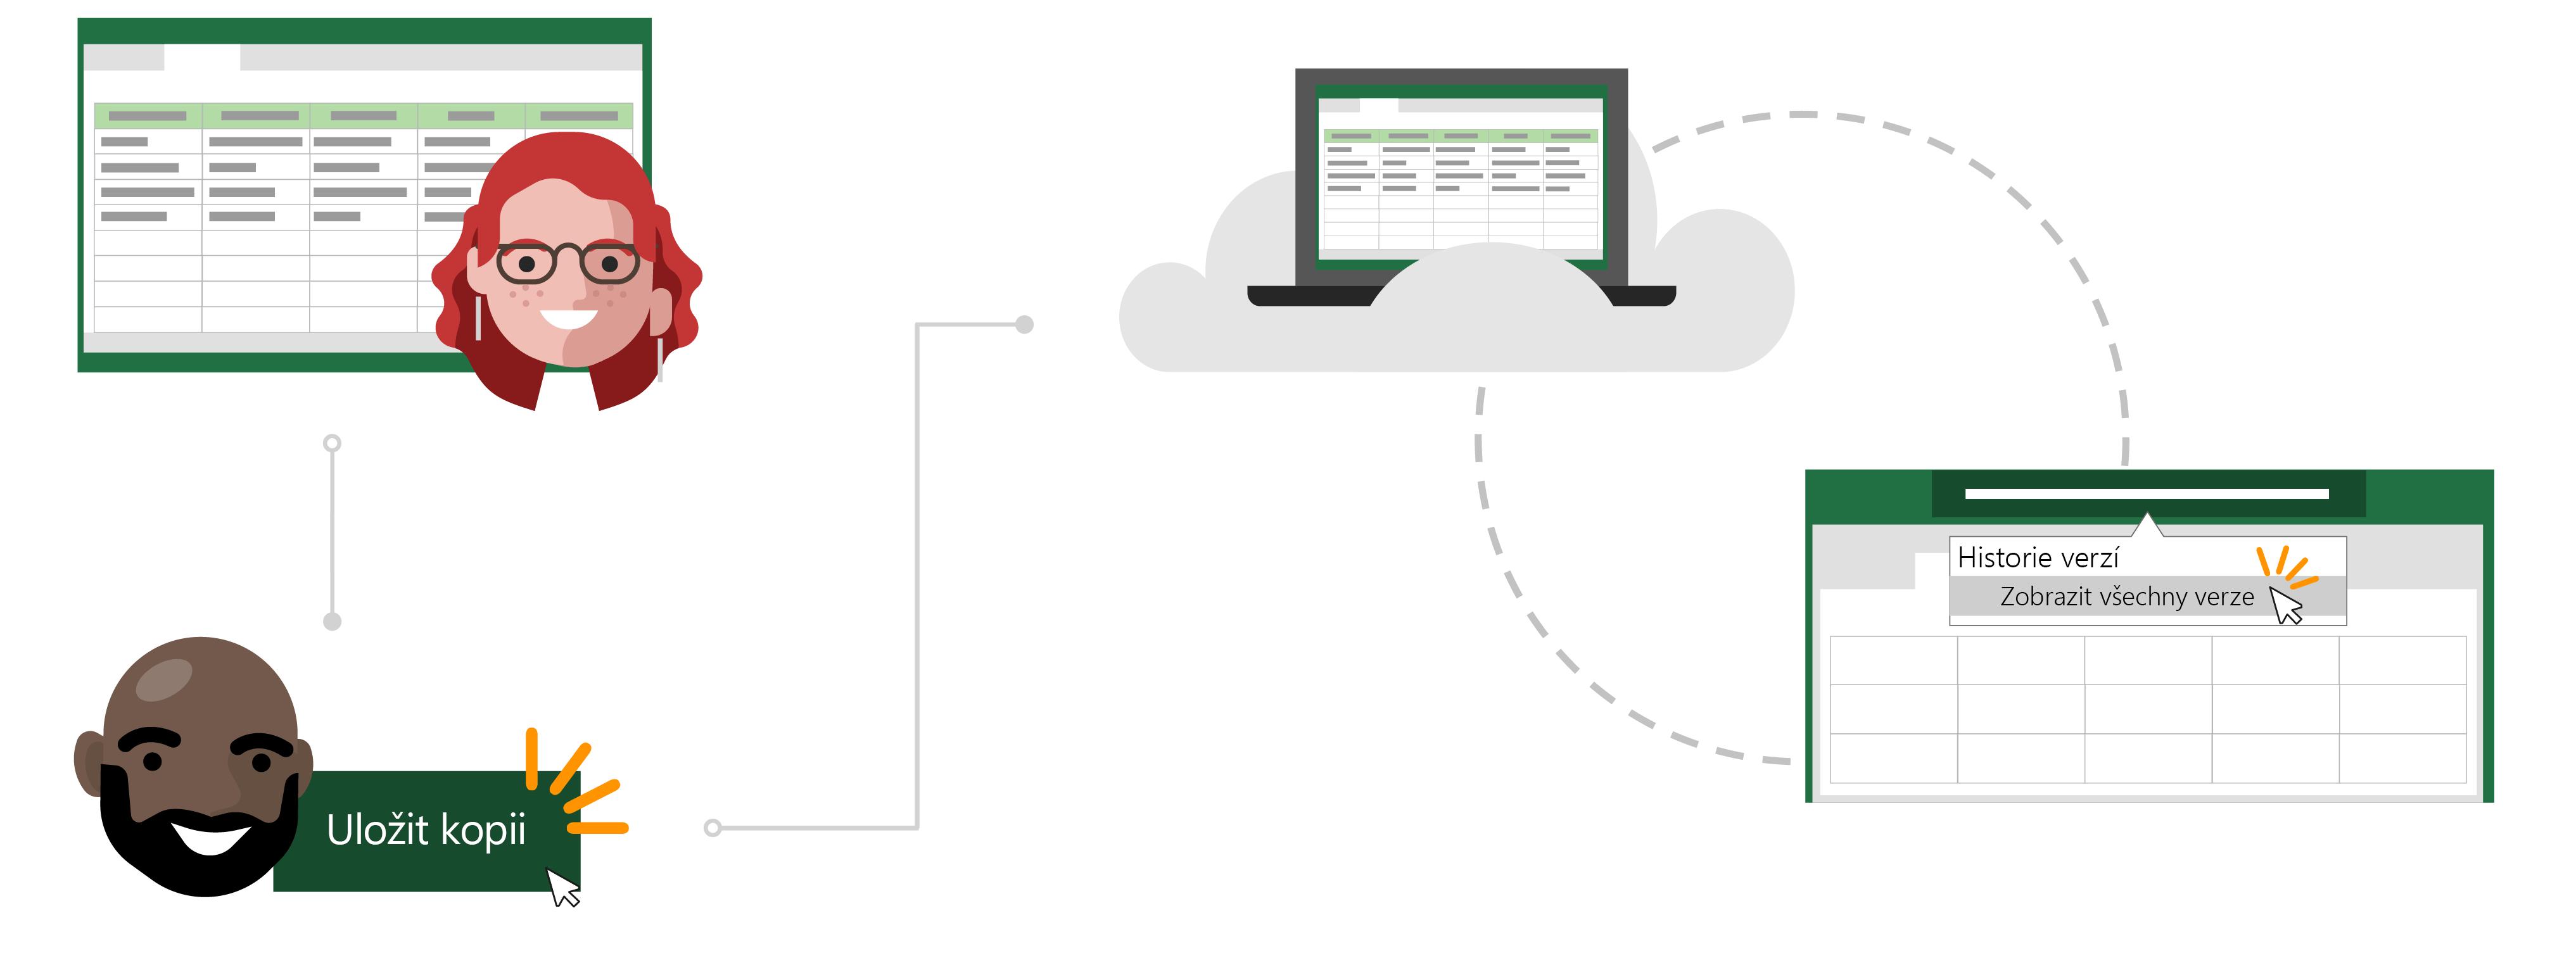 Použití existujícího souboru v cloudu jako šablonu pro nový soubor pomocí uložit kopii.